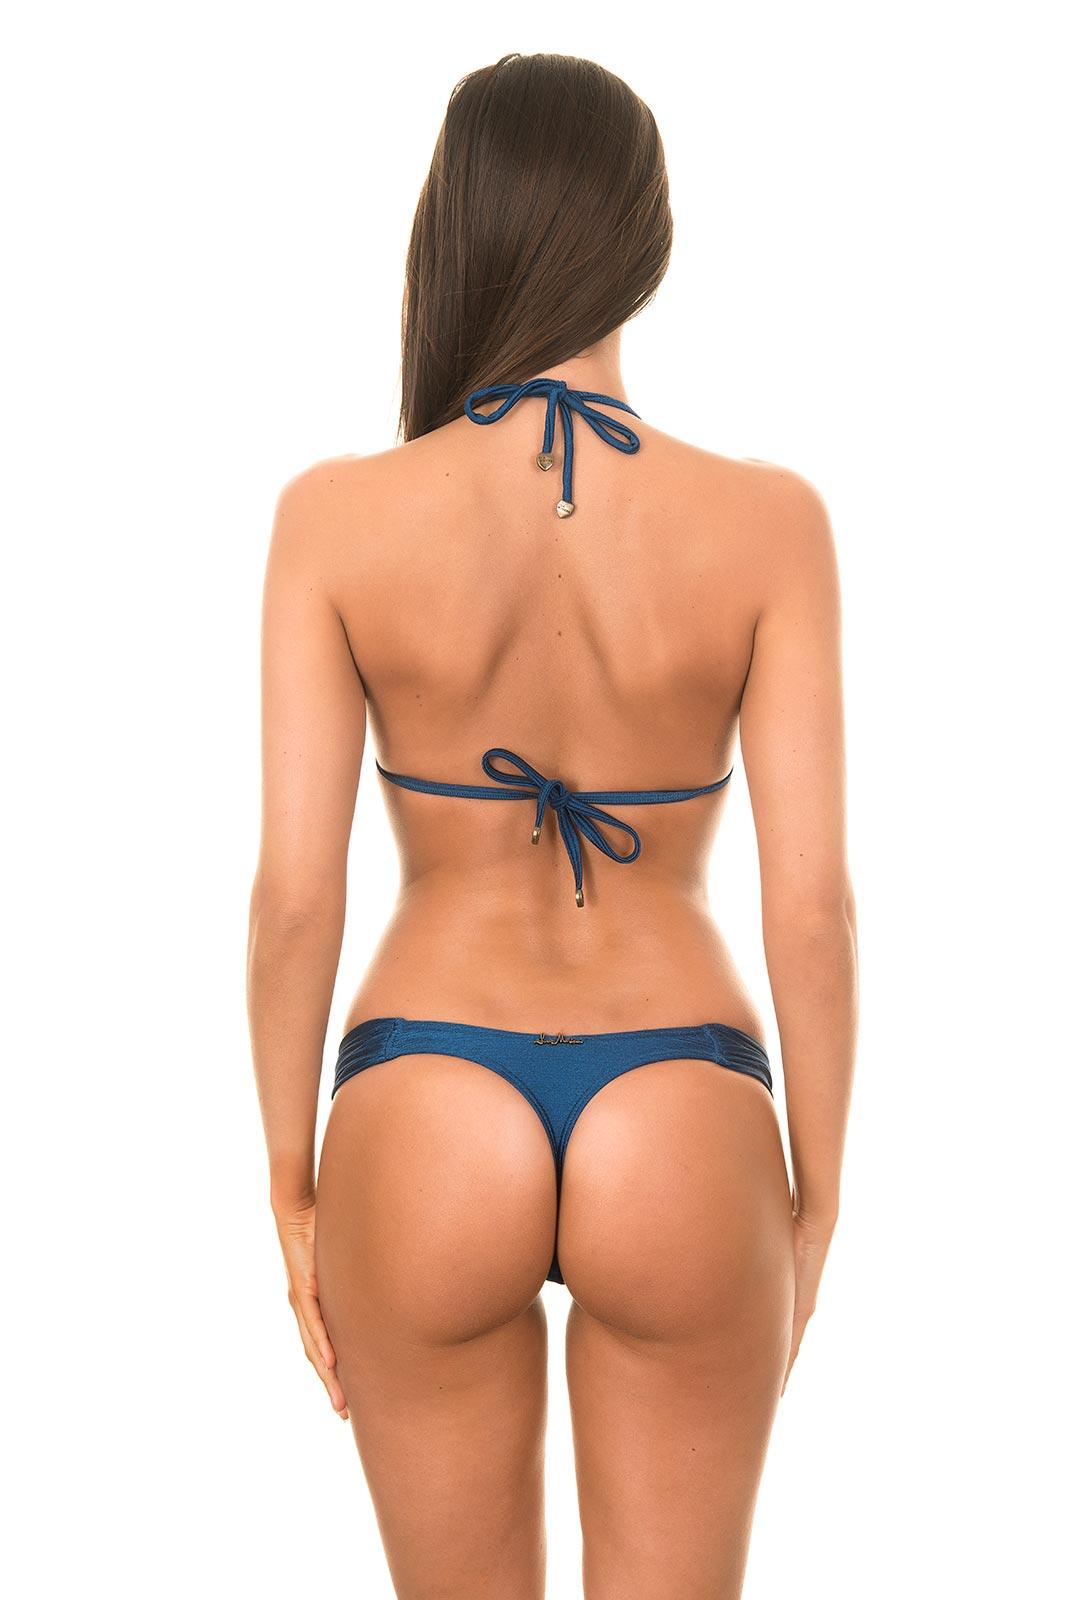 MrSexe : Photos Bikini et string GRATUIT